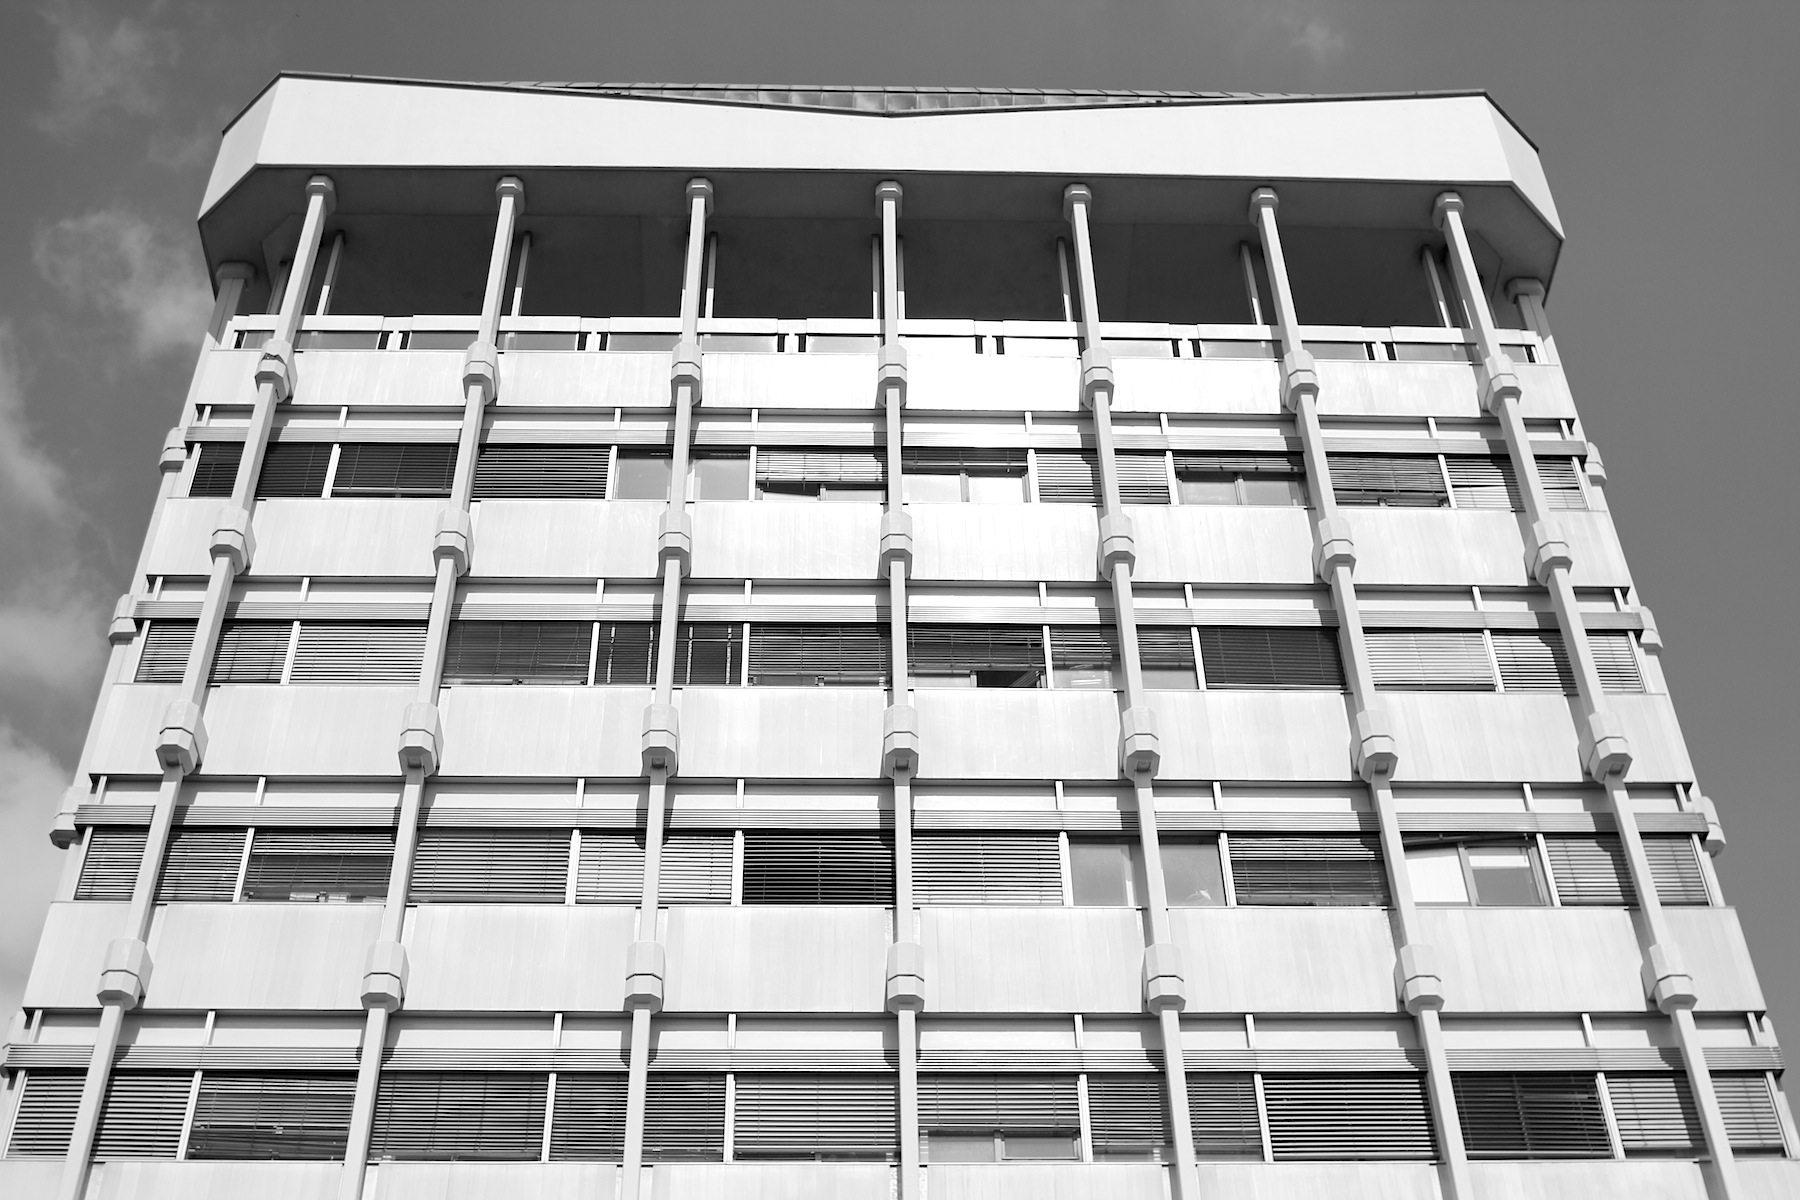 """Rathaus Marl. """"Eines der erregendsten Vorgänge auf dem Gebiet des Städtebaus unserer Zeit"""", so das Urteil der Fachzeitschrift Architektur und Wohnform."""